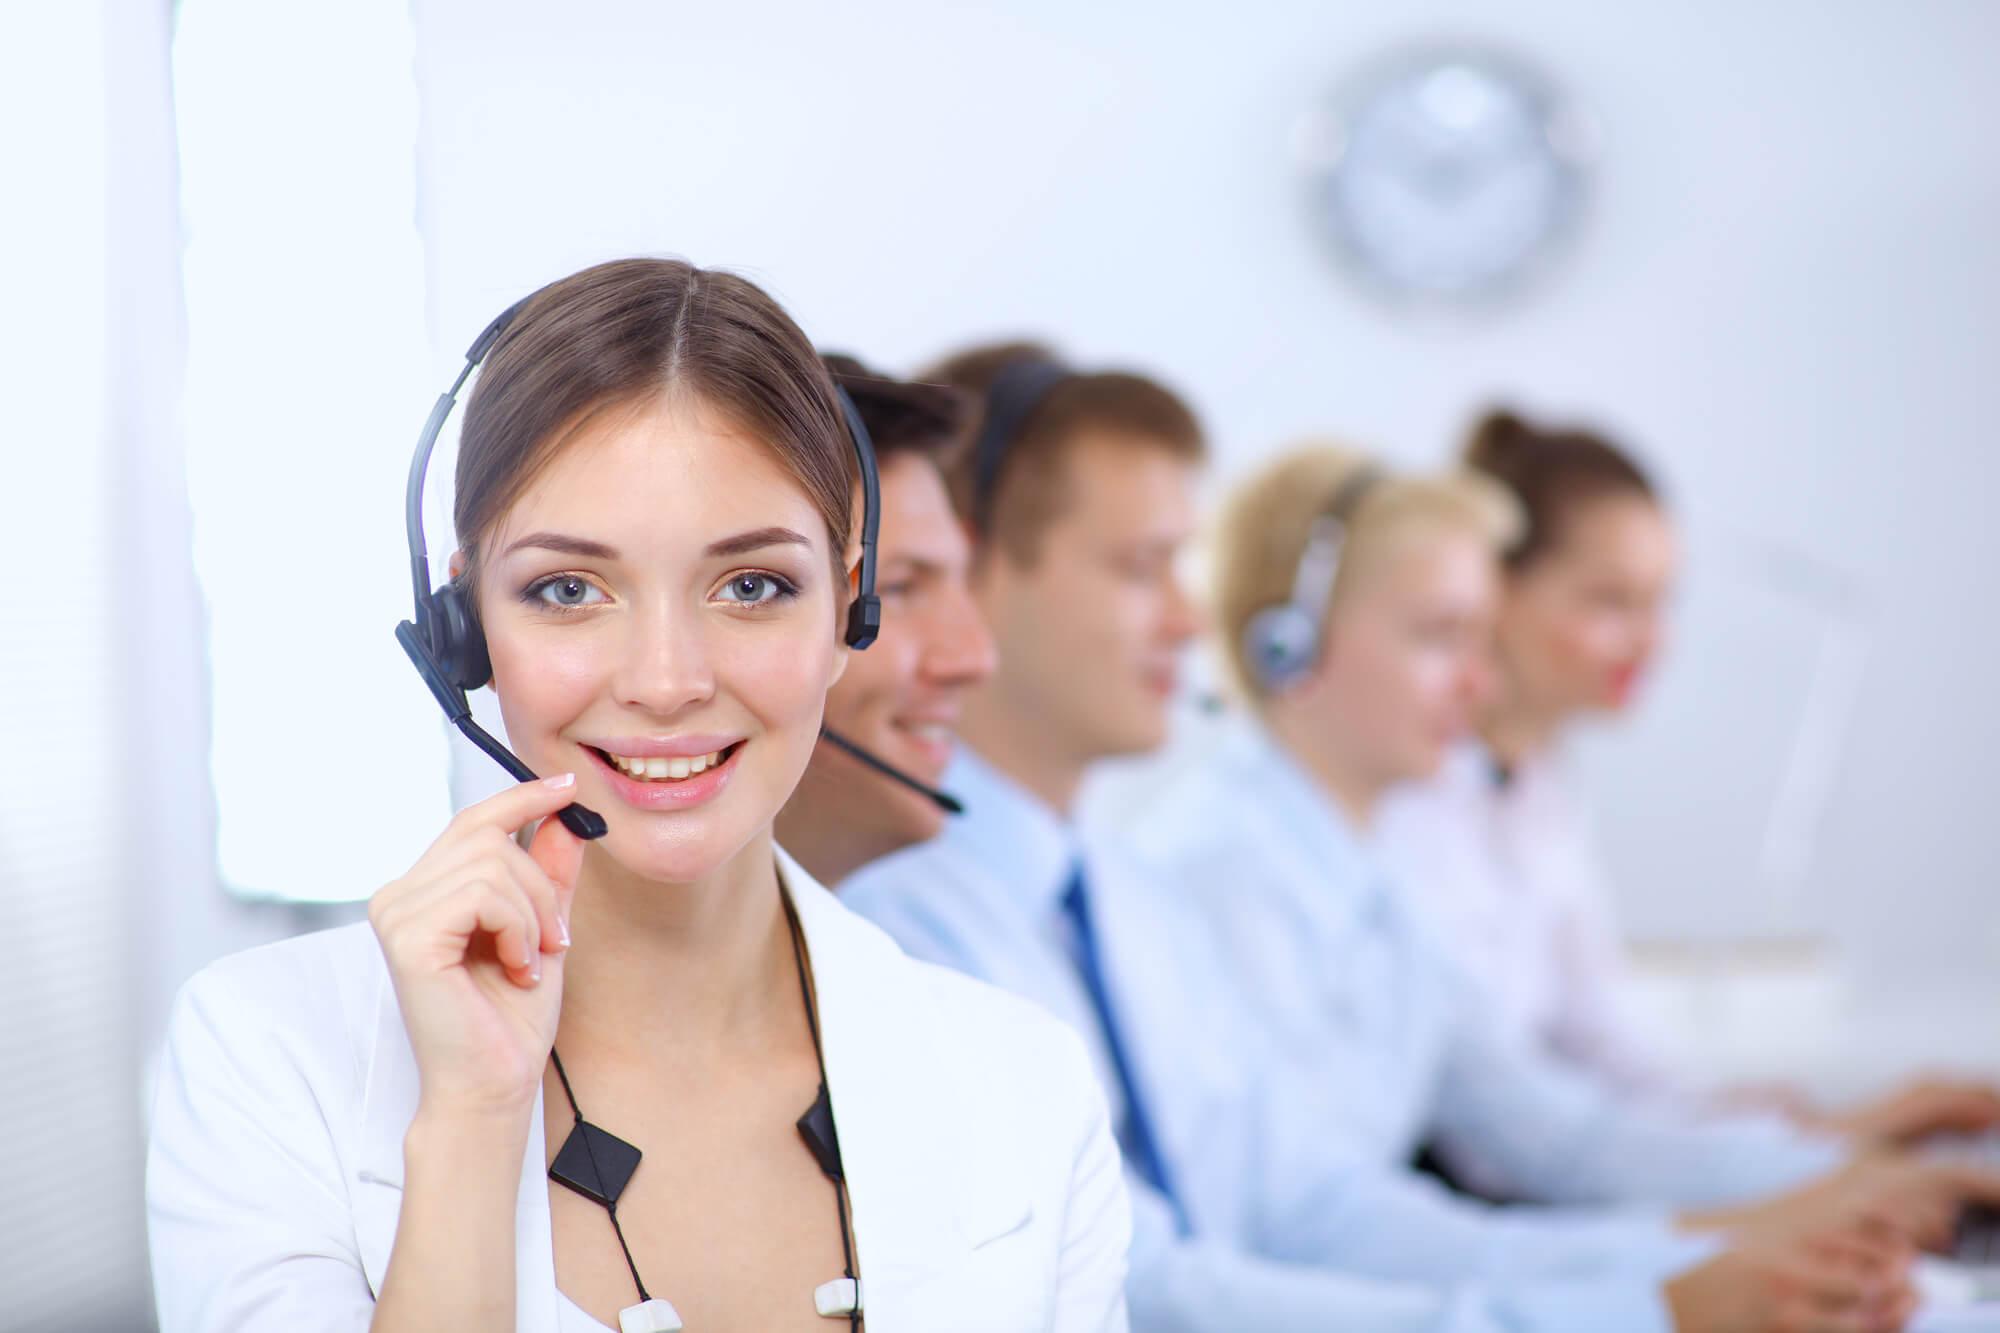 empresas de telemarketing quais sao as praticas de um call center de sucesso